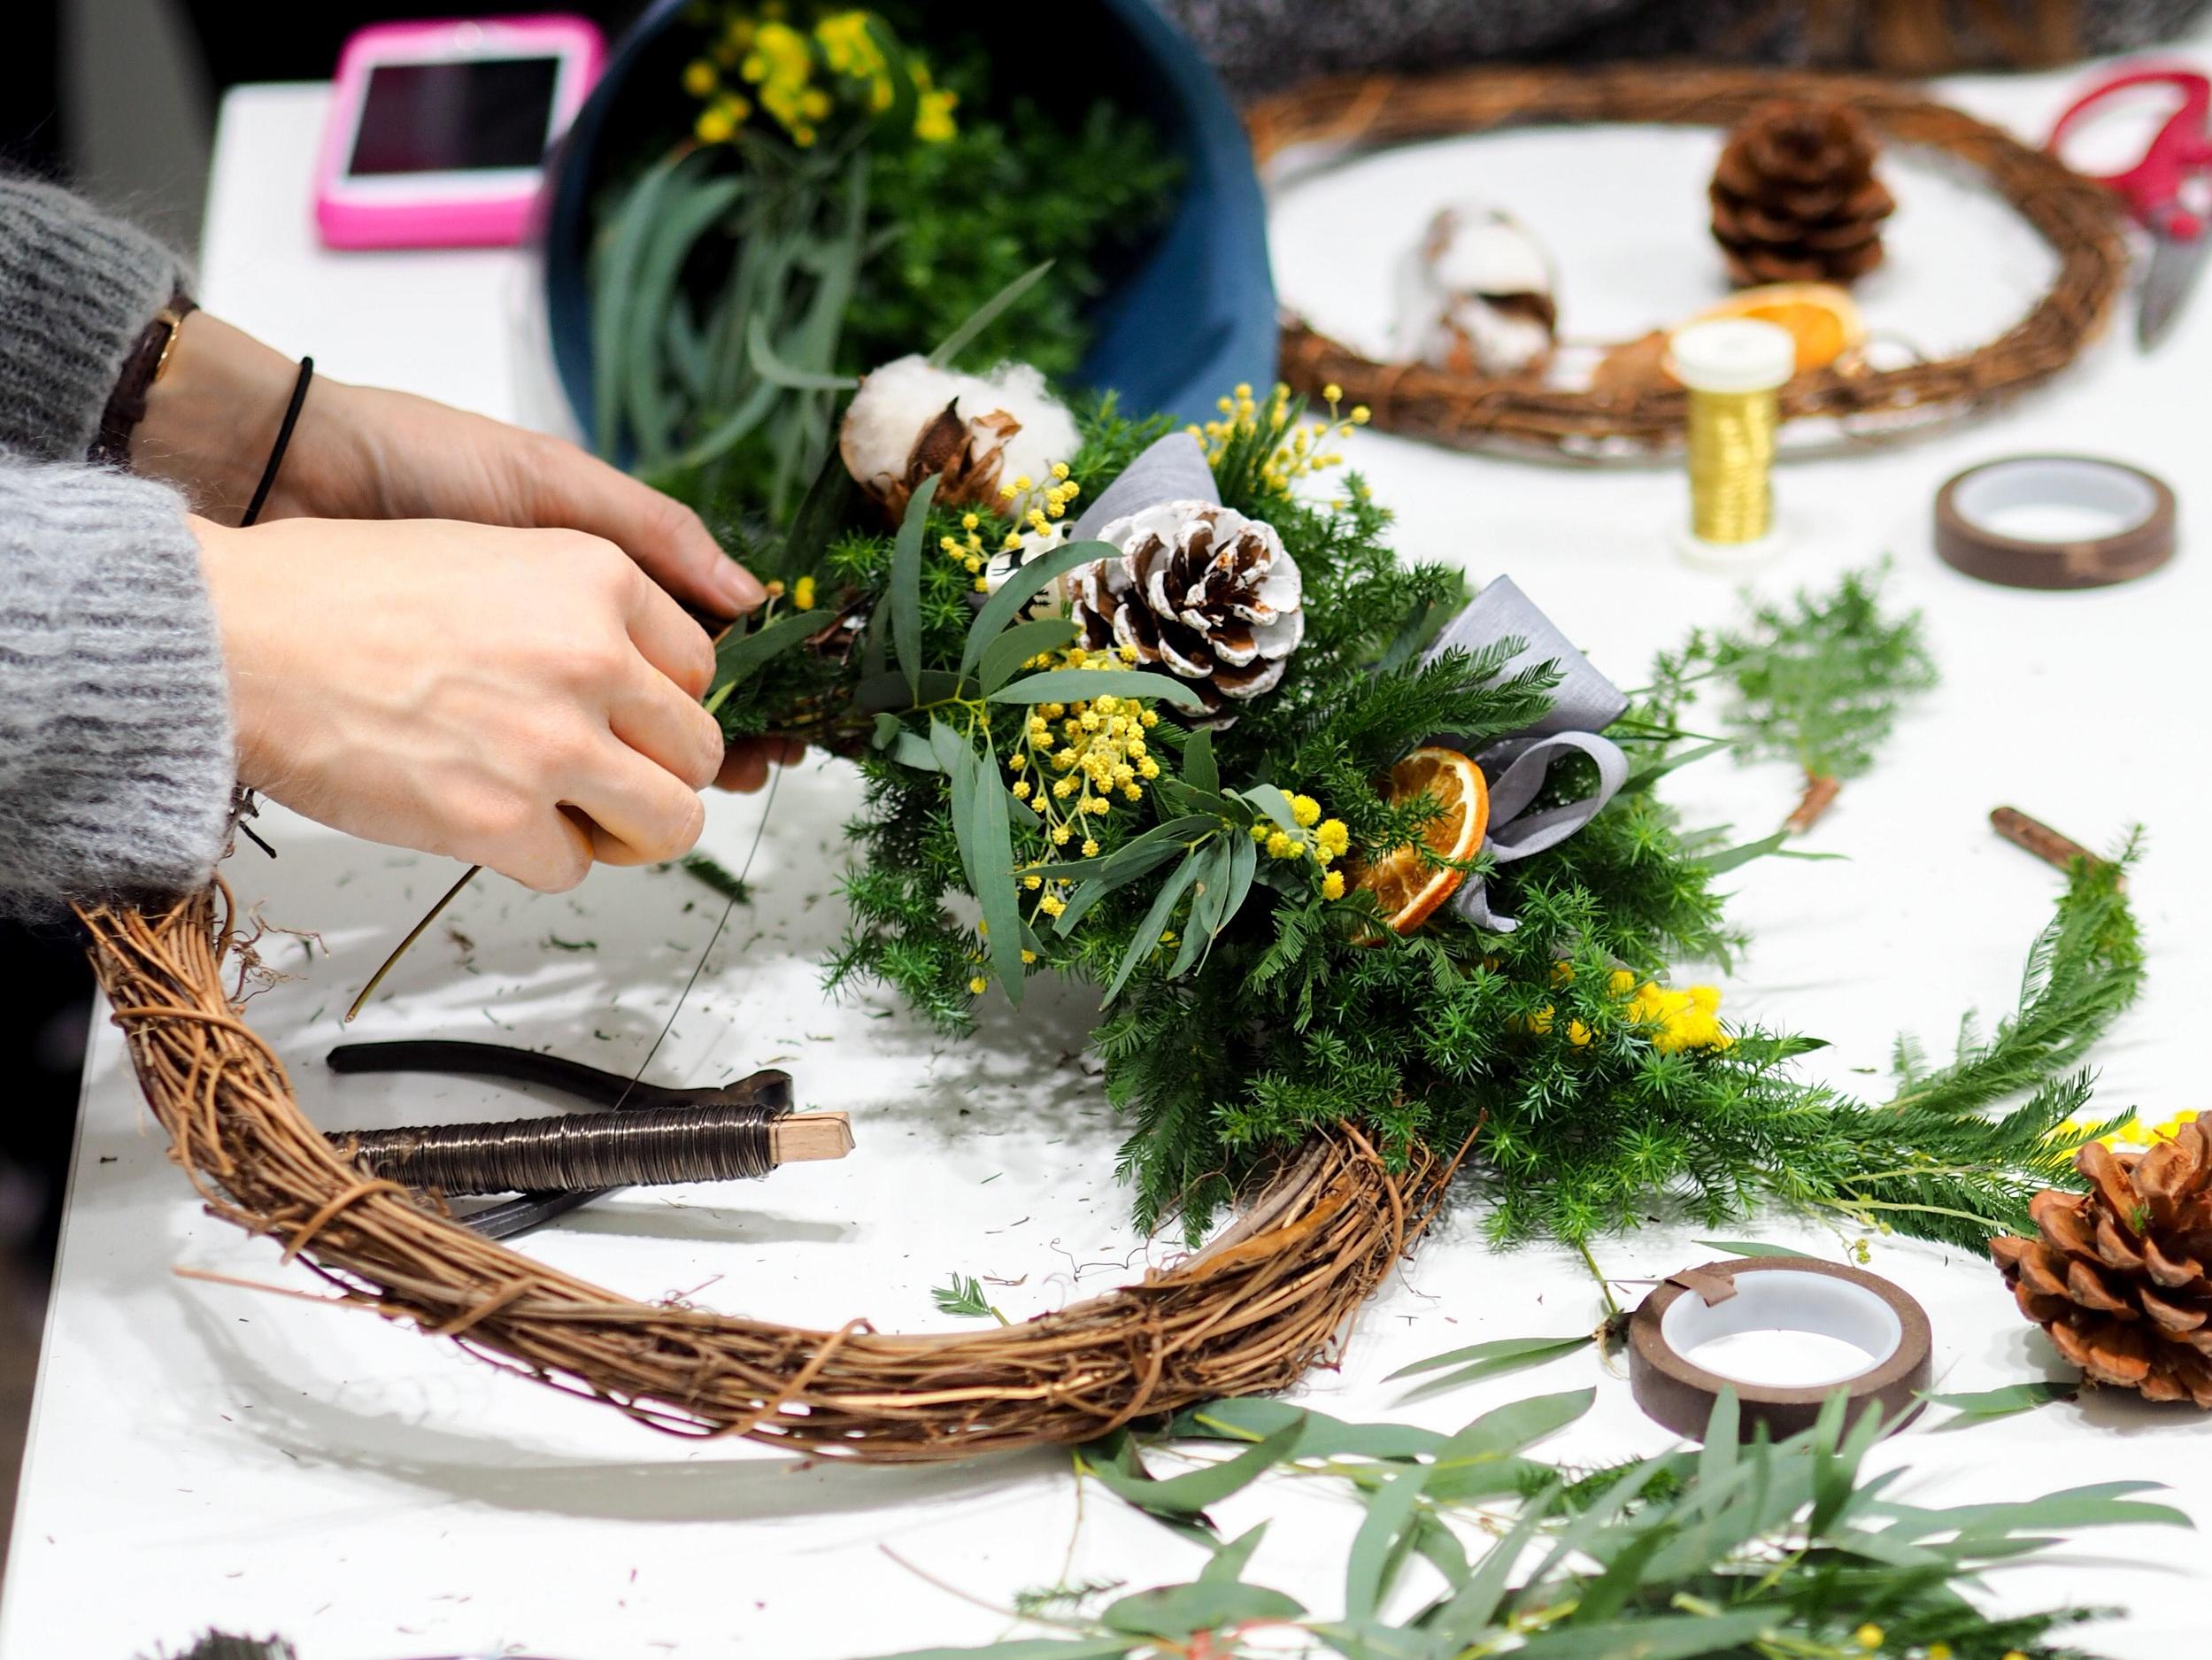 Customized Event 企業活動專區 - 除了每個月排定的課程之外,我們也接受企業團體花藝教學活動,代課設計課程招待品牌貴賓。同時我們也開放租借我們的花藝教室,讓您可以舉辦私人的花藝派對喔!